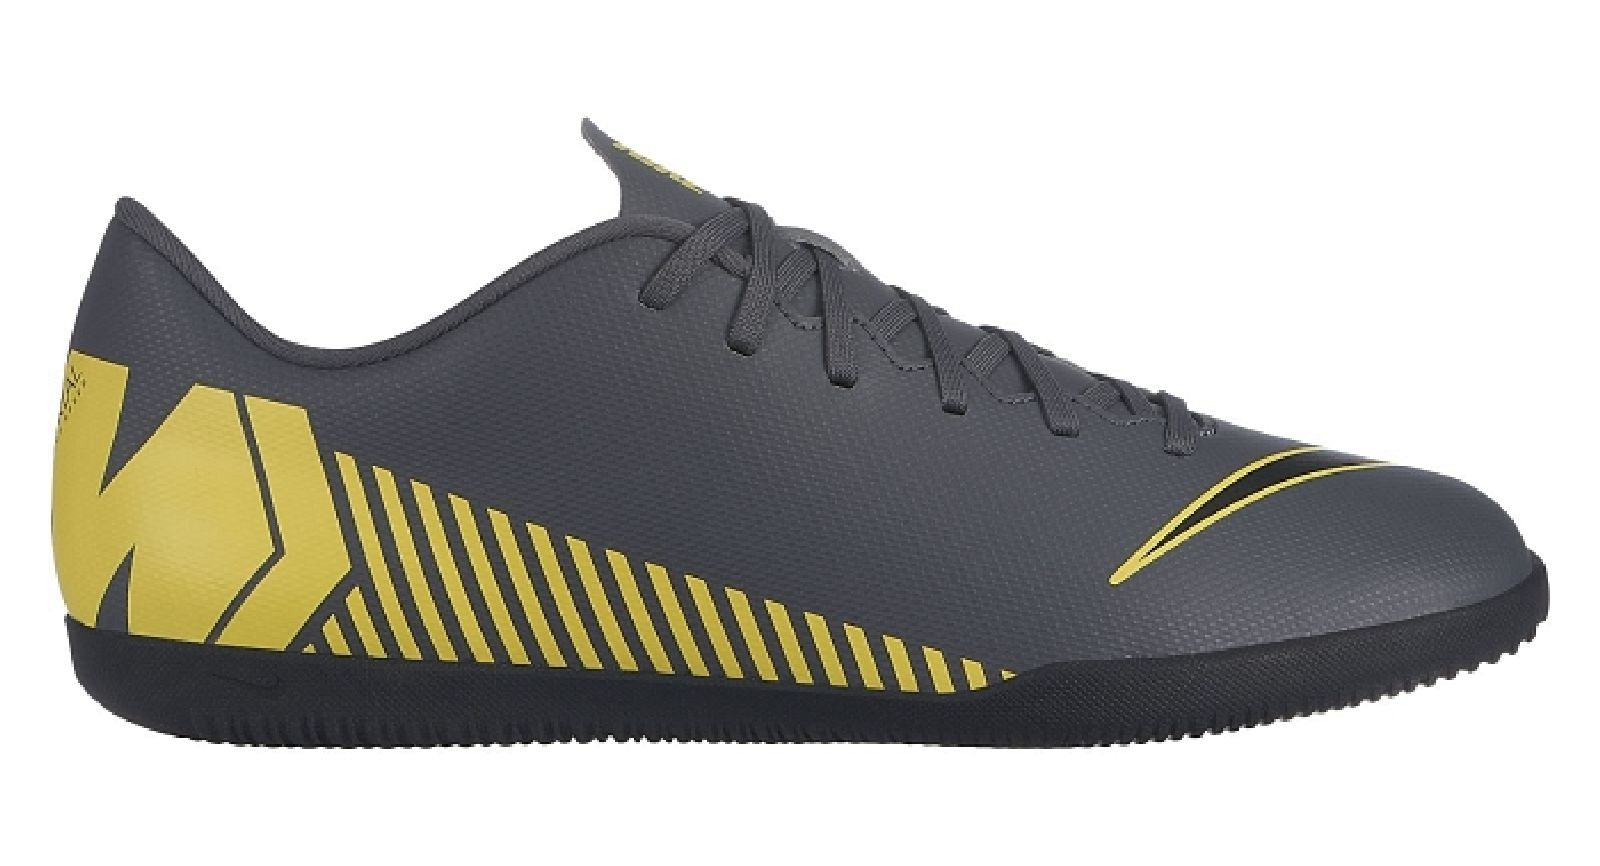 Details zu Nike Herren Hallenschuhe Fußballschuhe MercurialX Vapor XII Club IC schwarz gelb